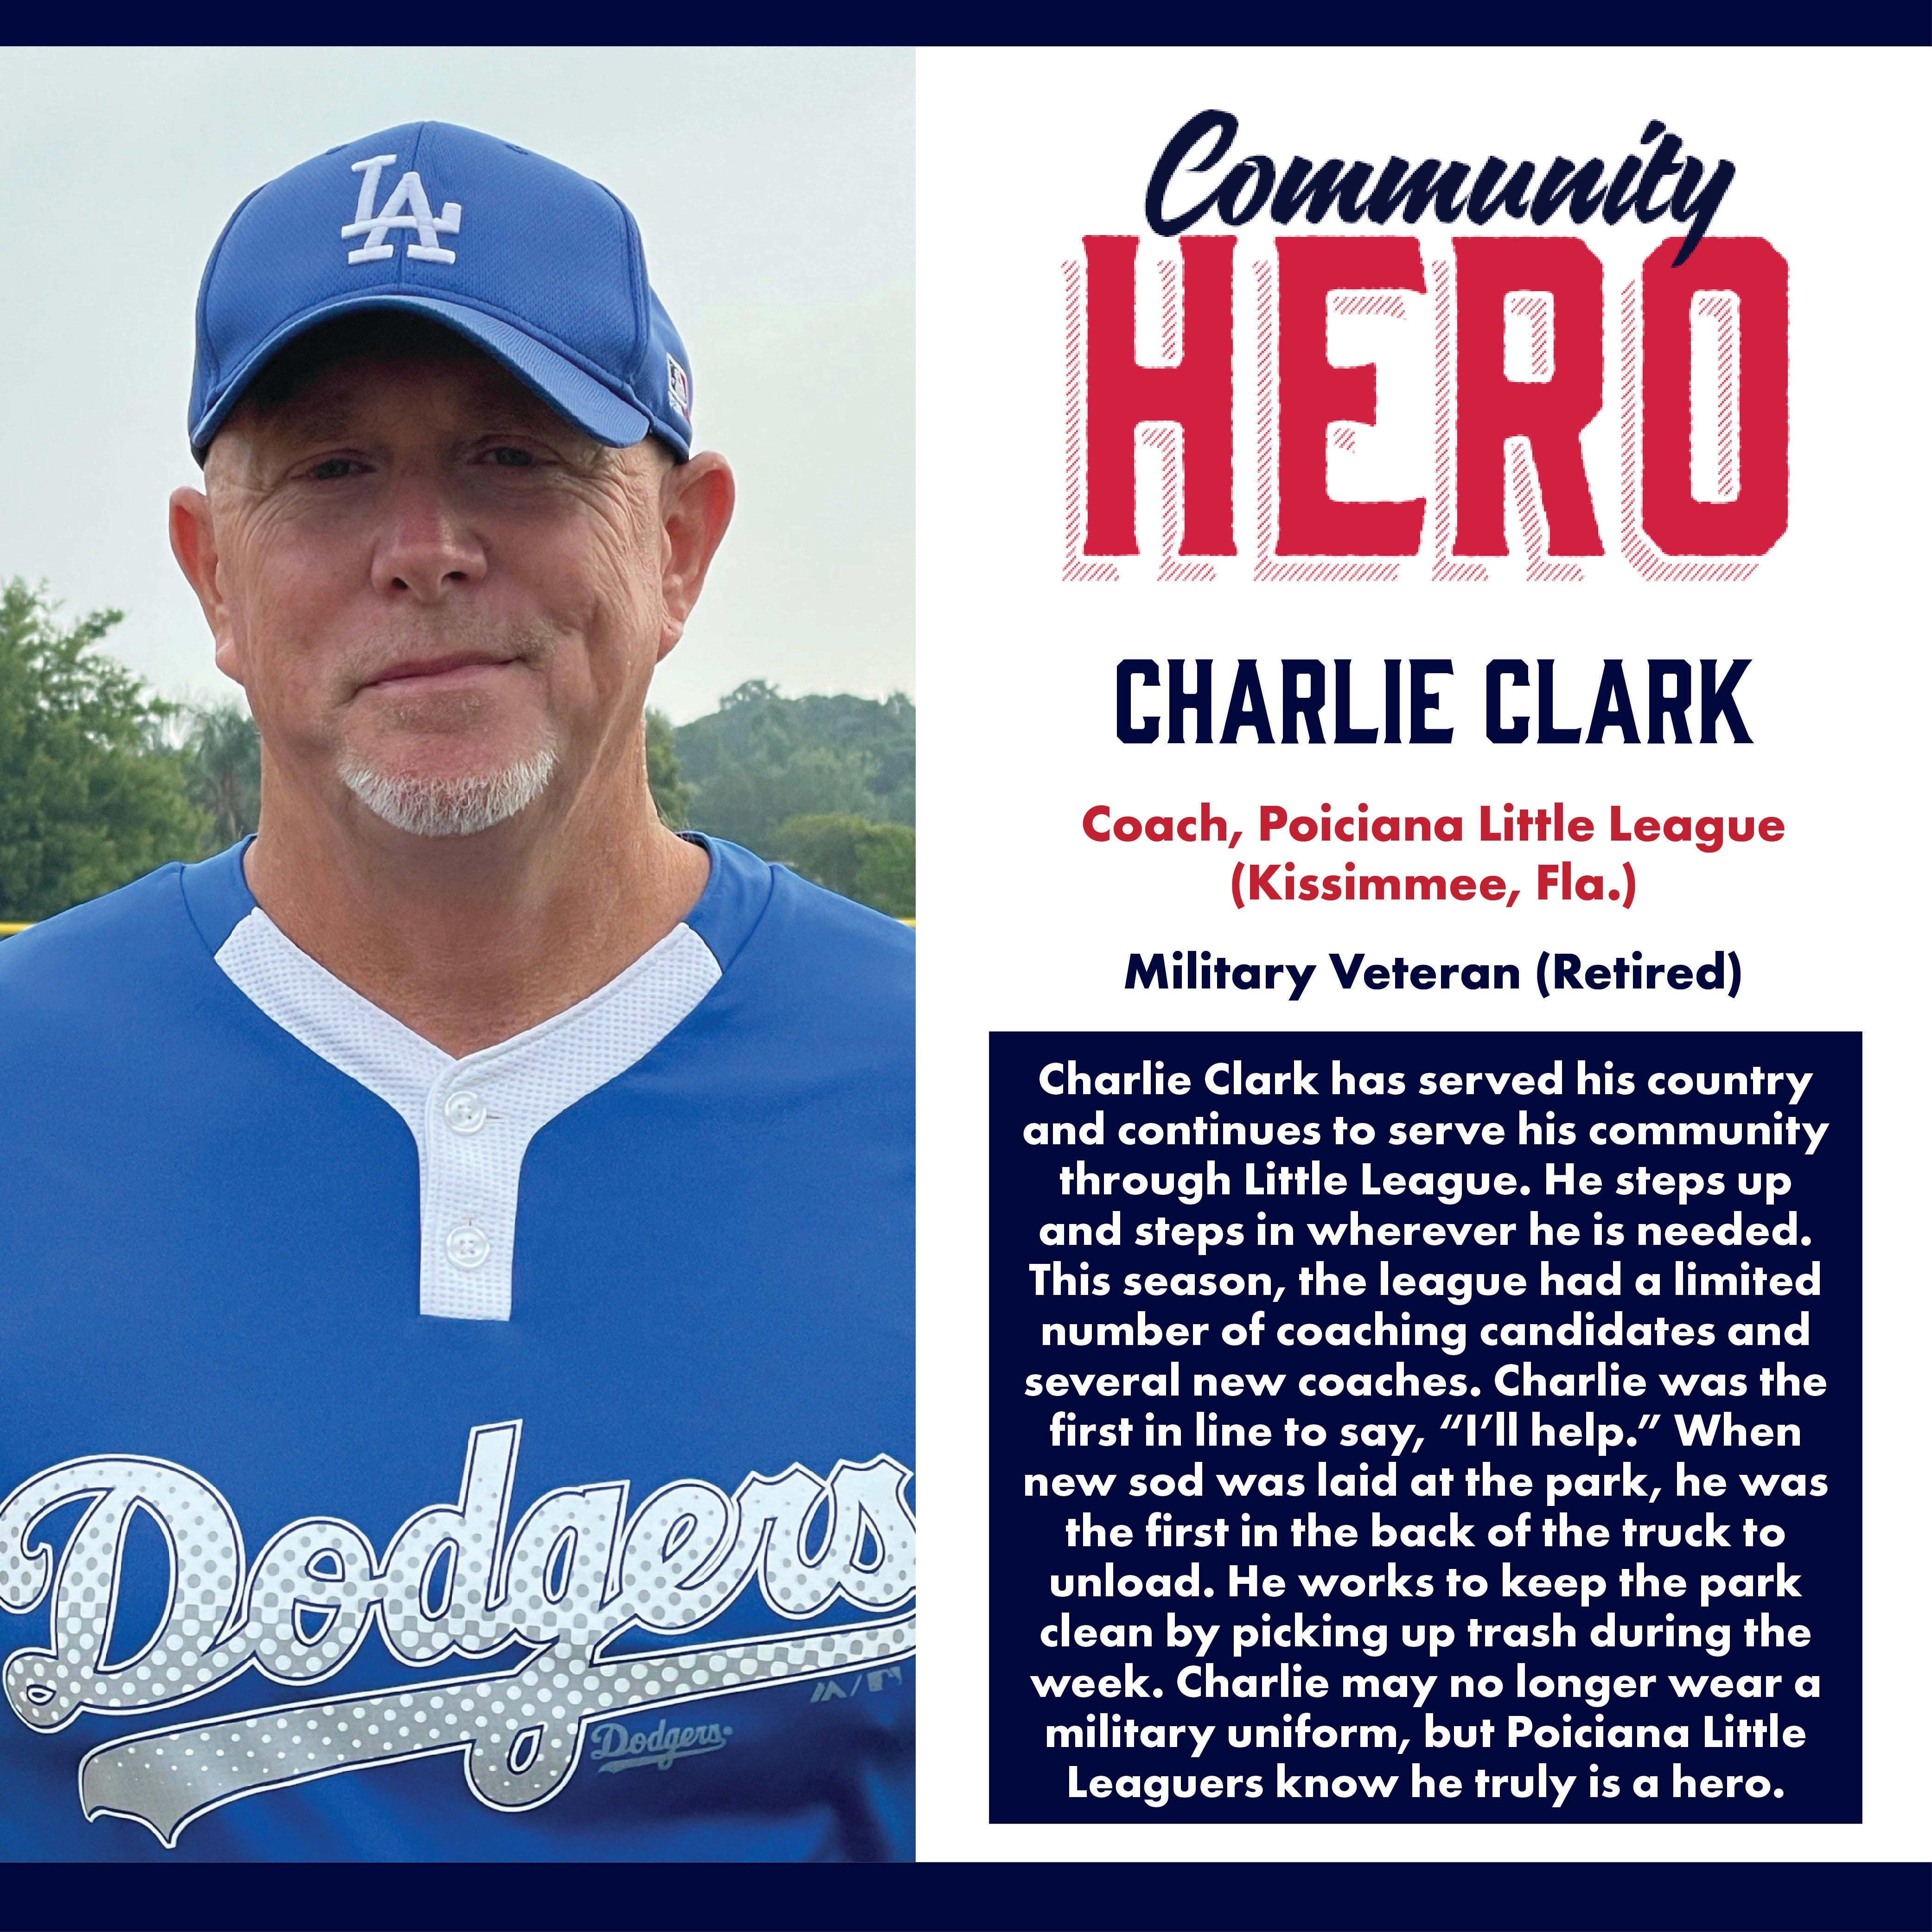 Charlie Clark Community Hero